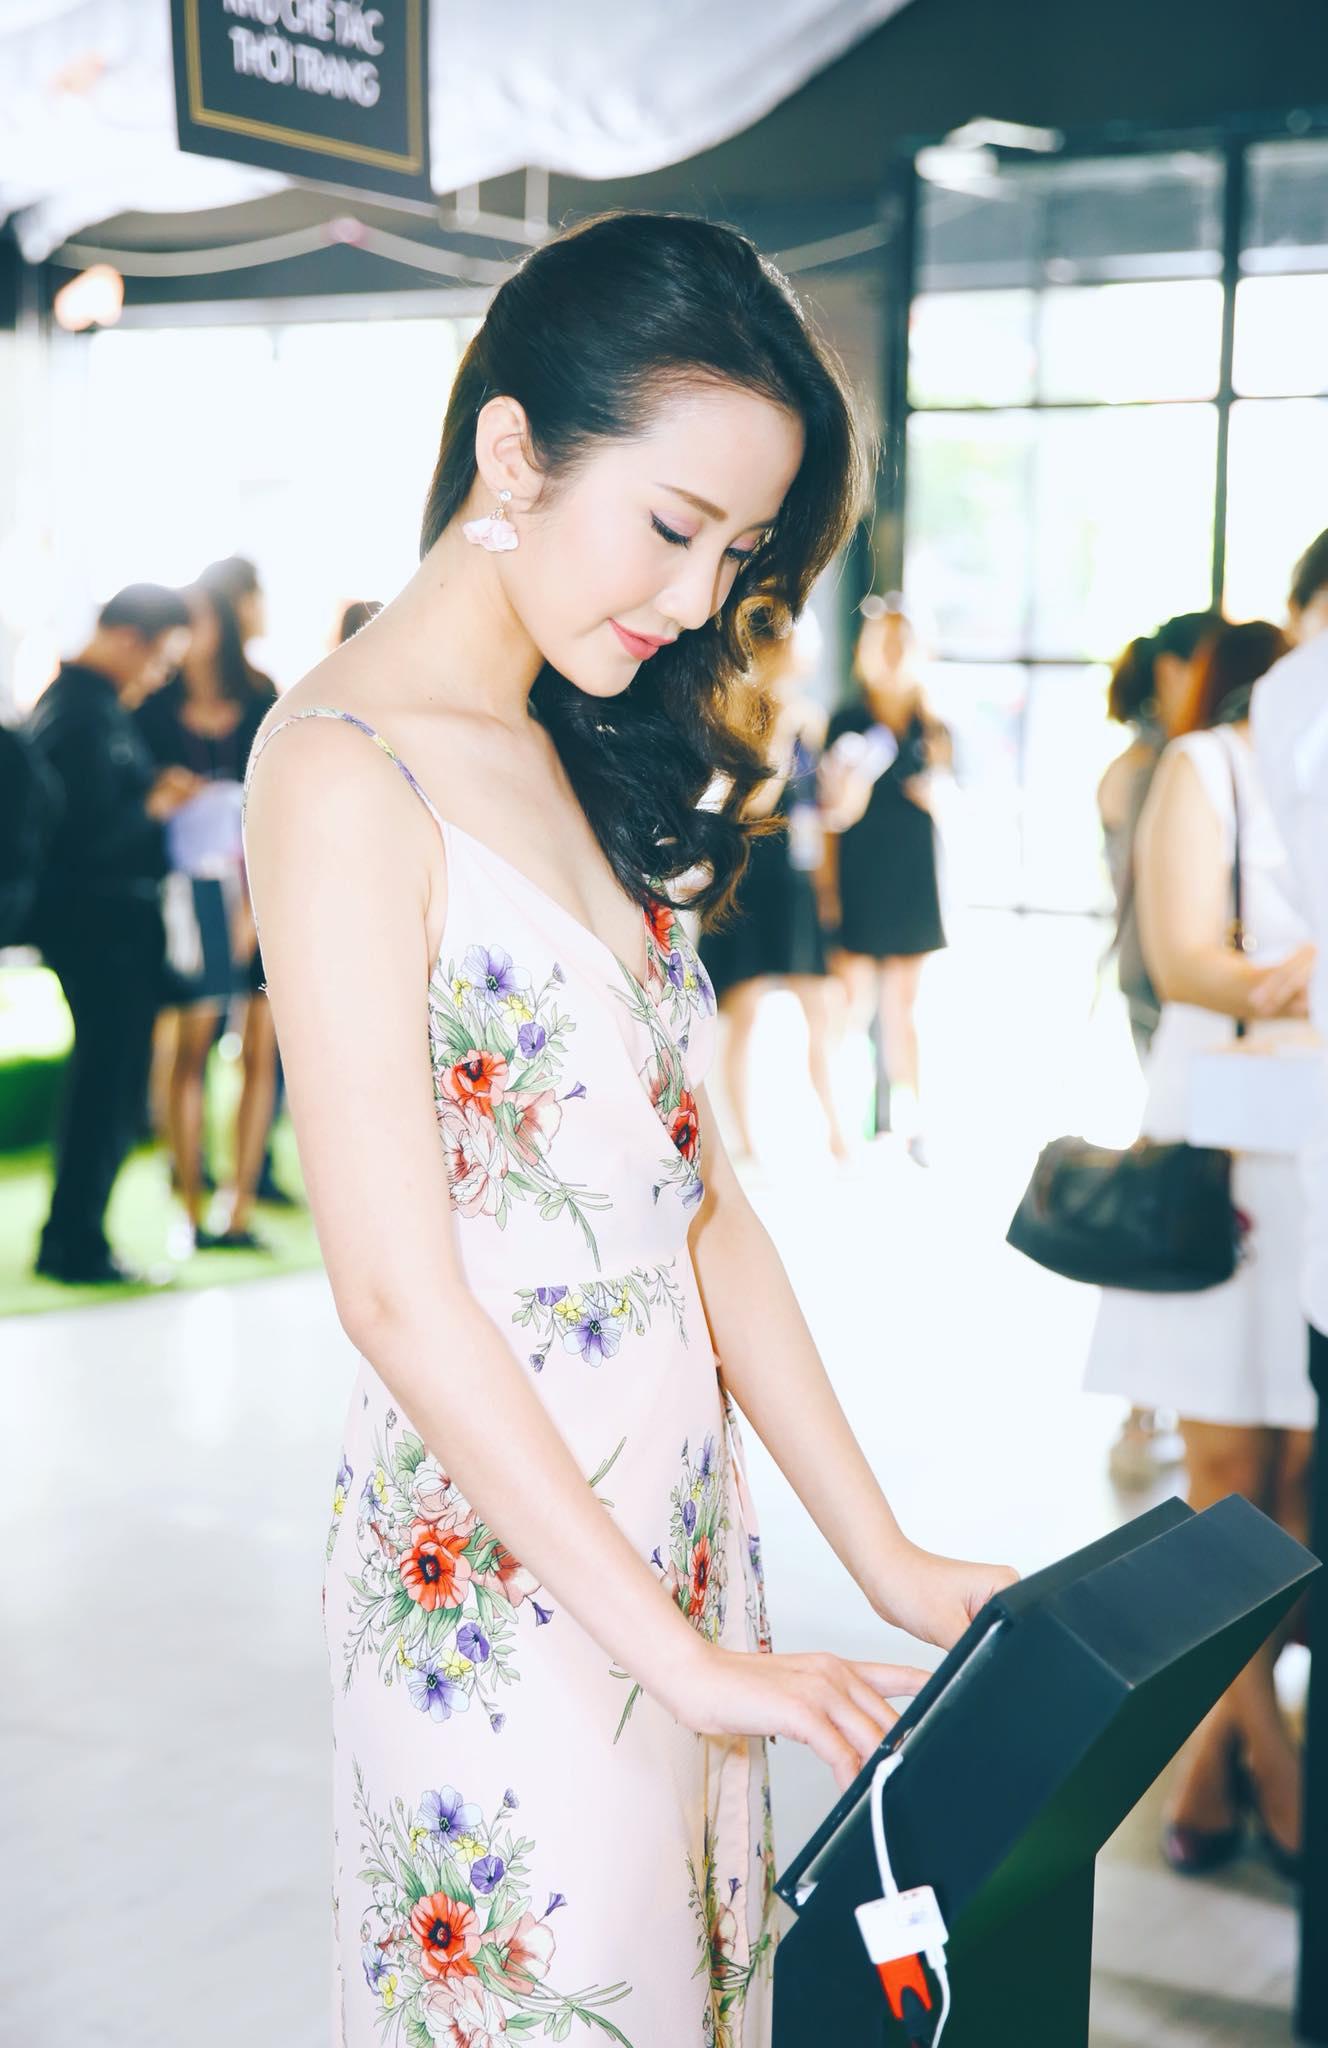 Sao Trẻ: Trương Minh Xuân Thảo - bạn gái tin đồn xinh đẹp, giỏi giang của Phan Thành là ai?